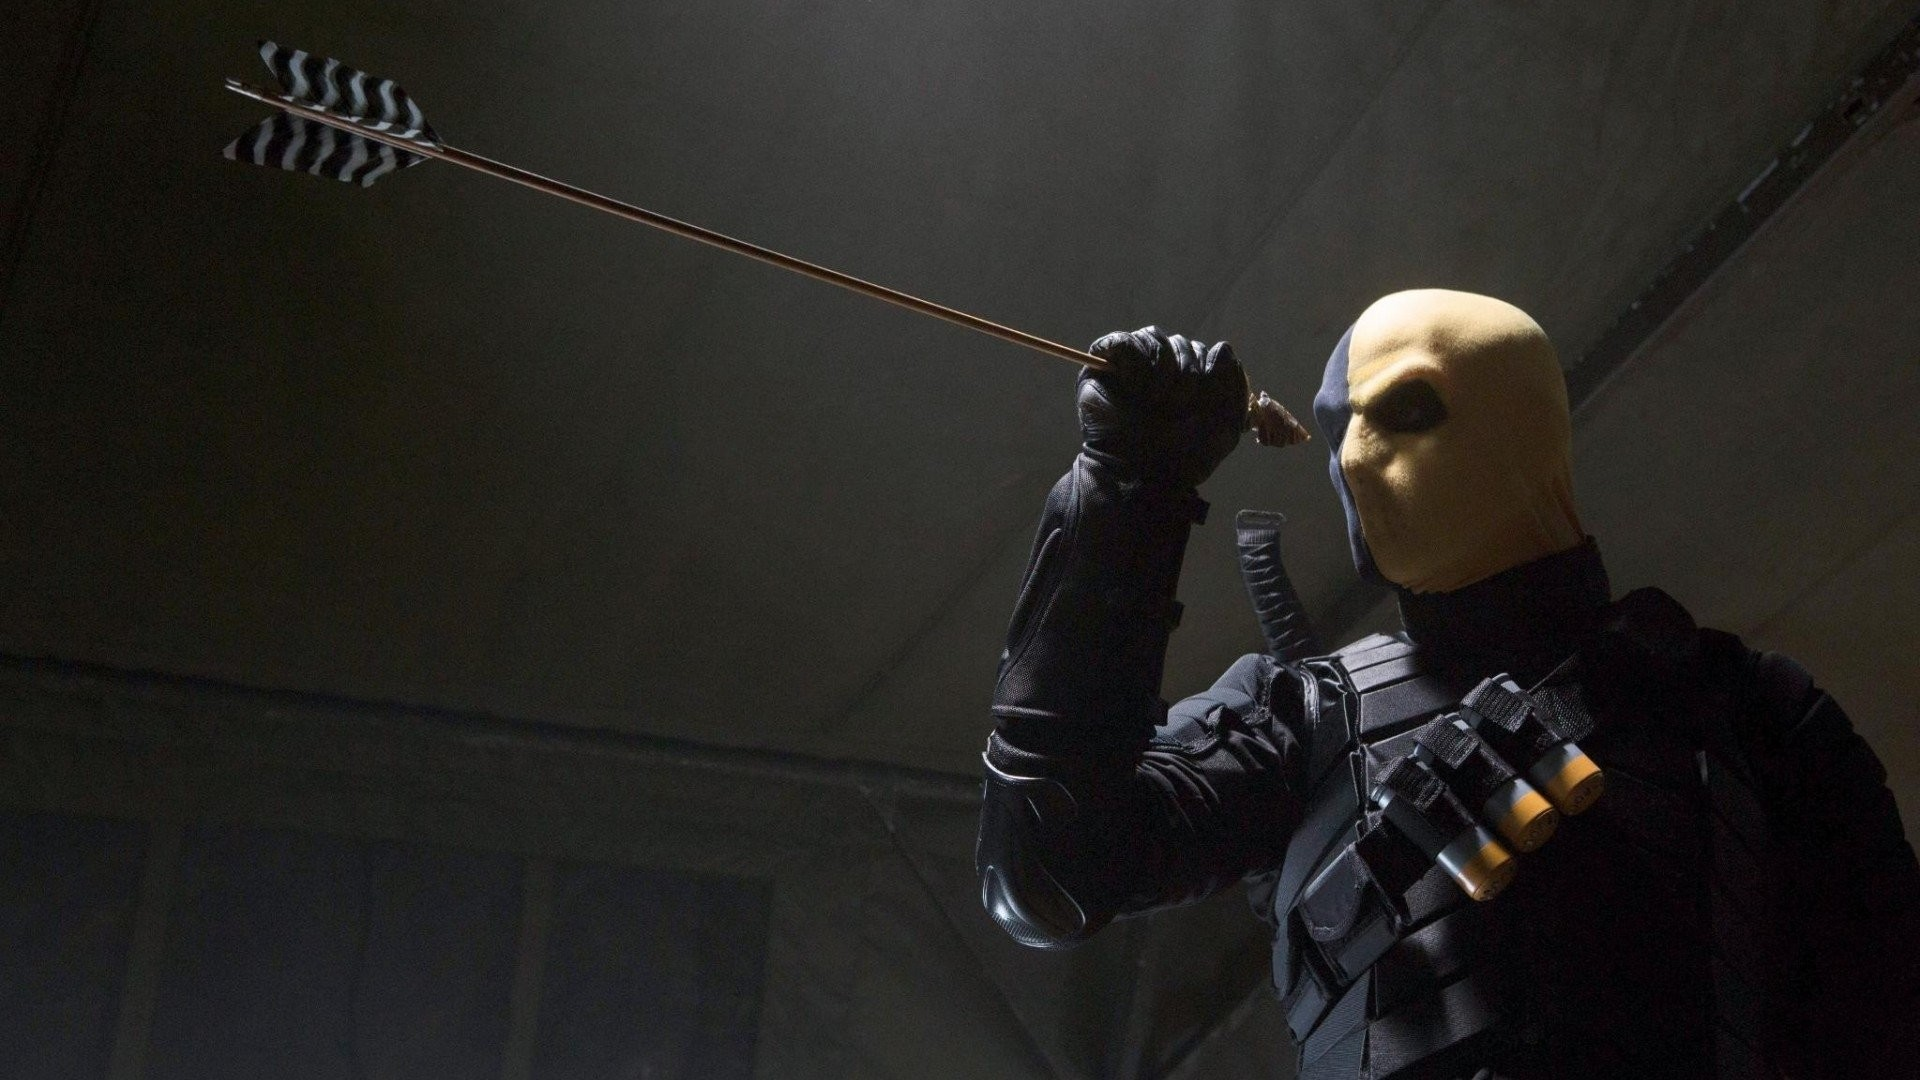 TV Show – Arrow Deathstroke Wallpaper